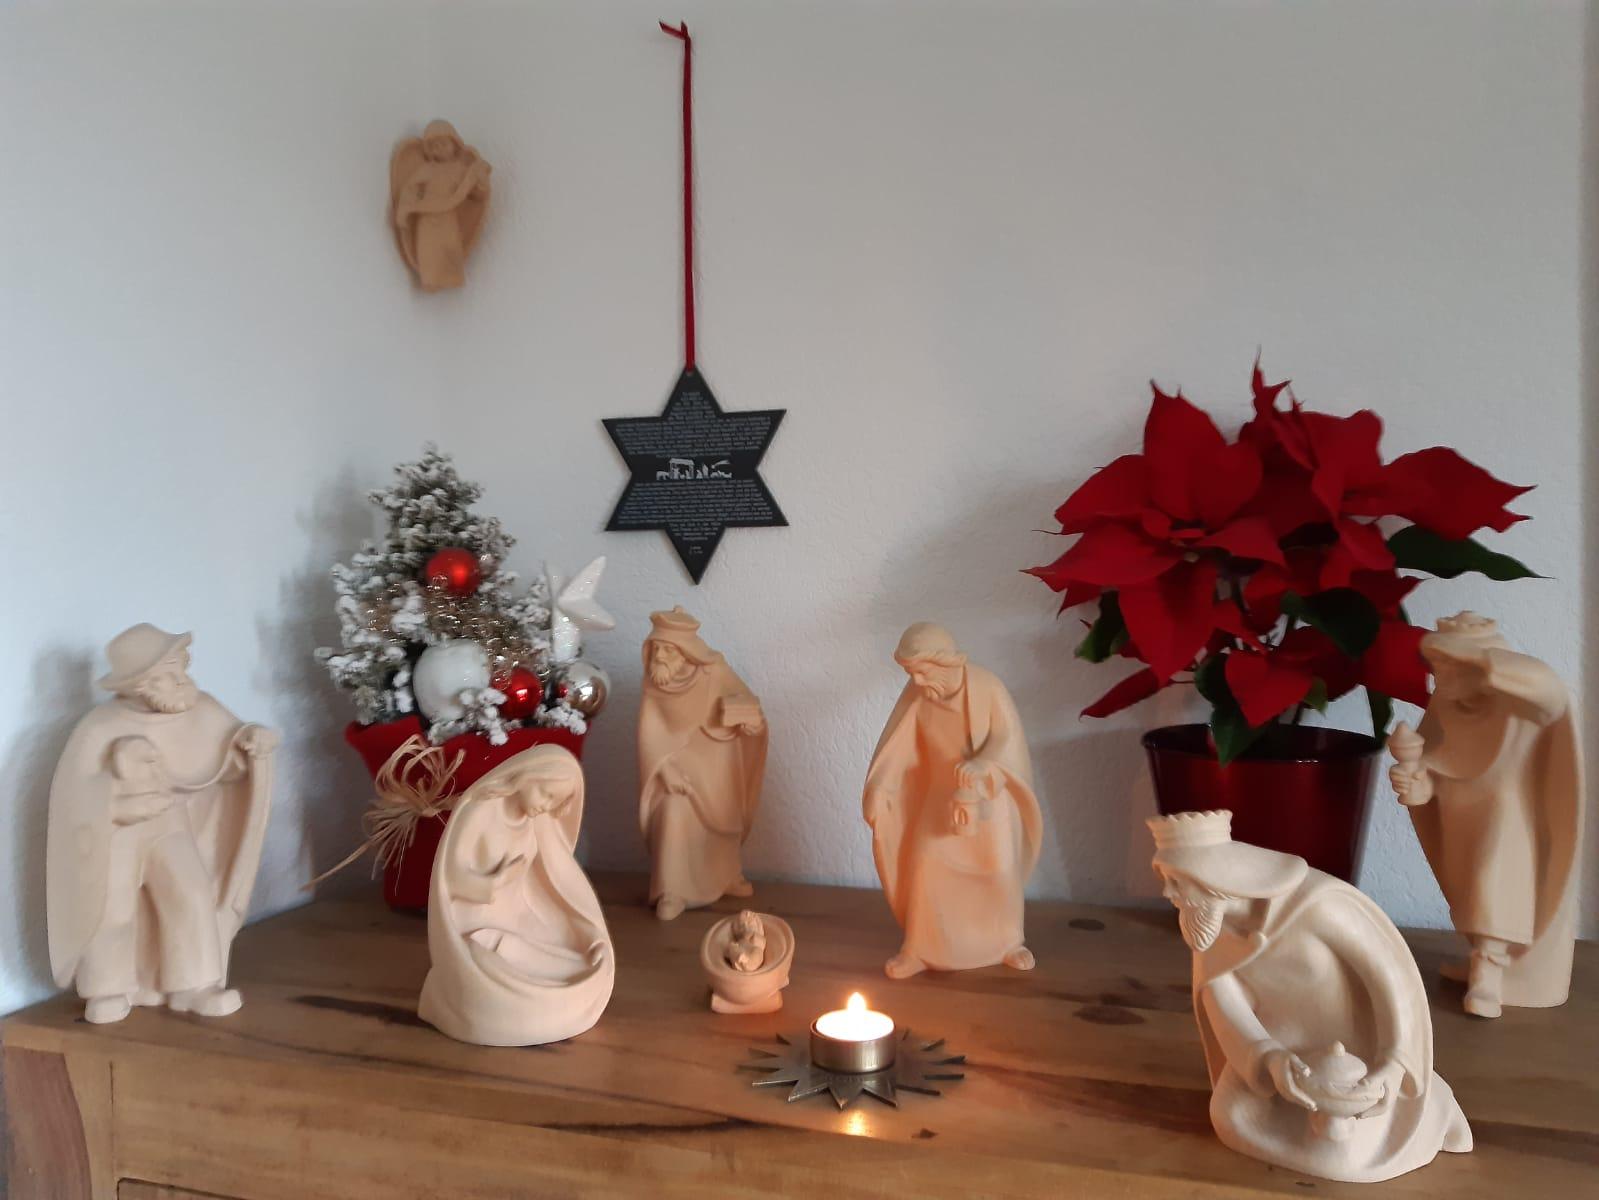 Familie Kramer. Auf dem Stern steht das Weihnachtsevangelium.